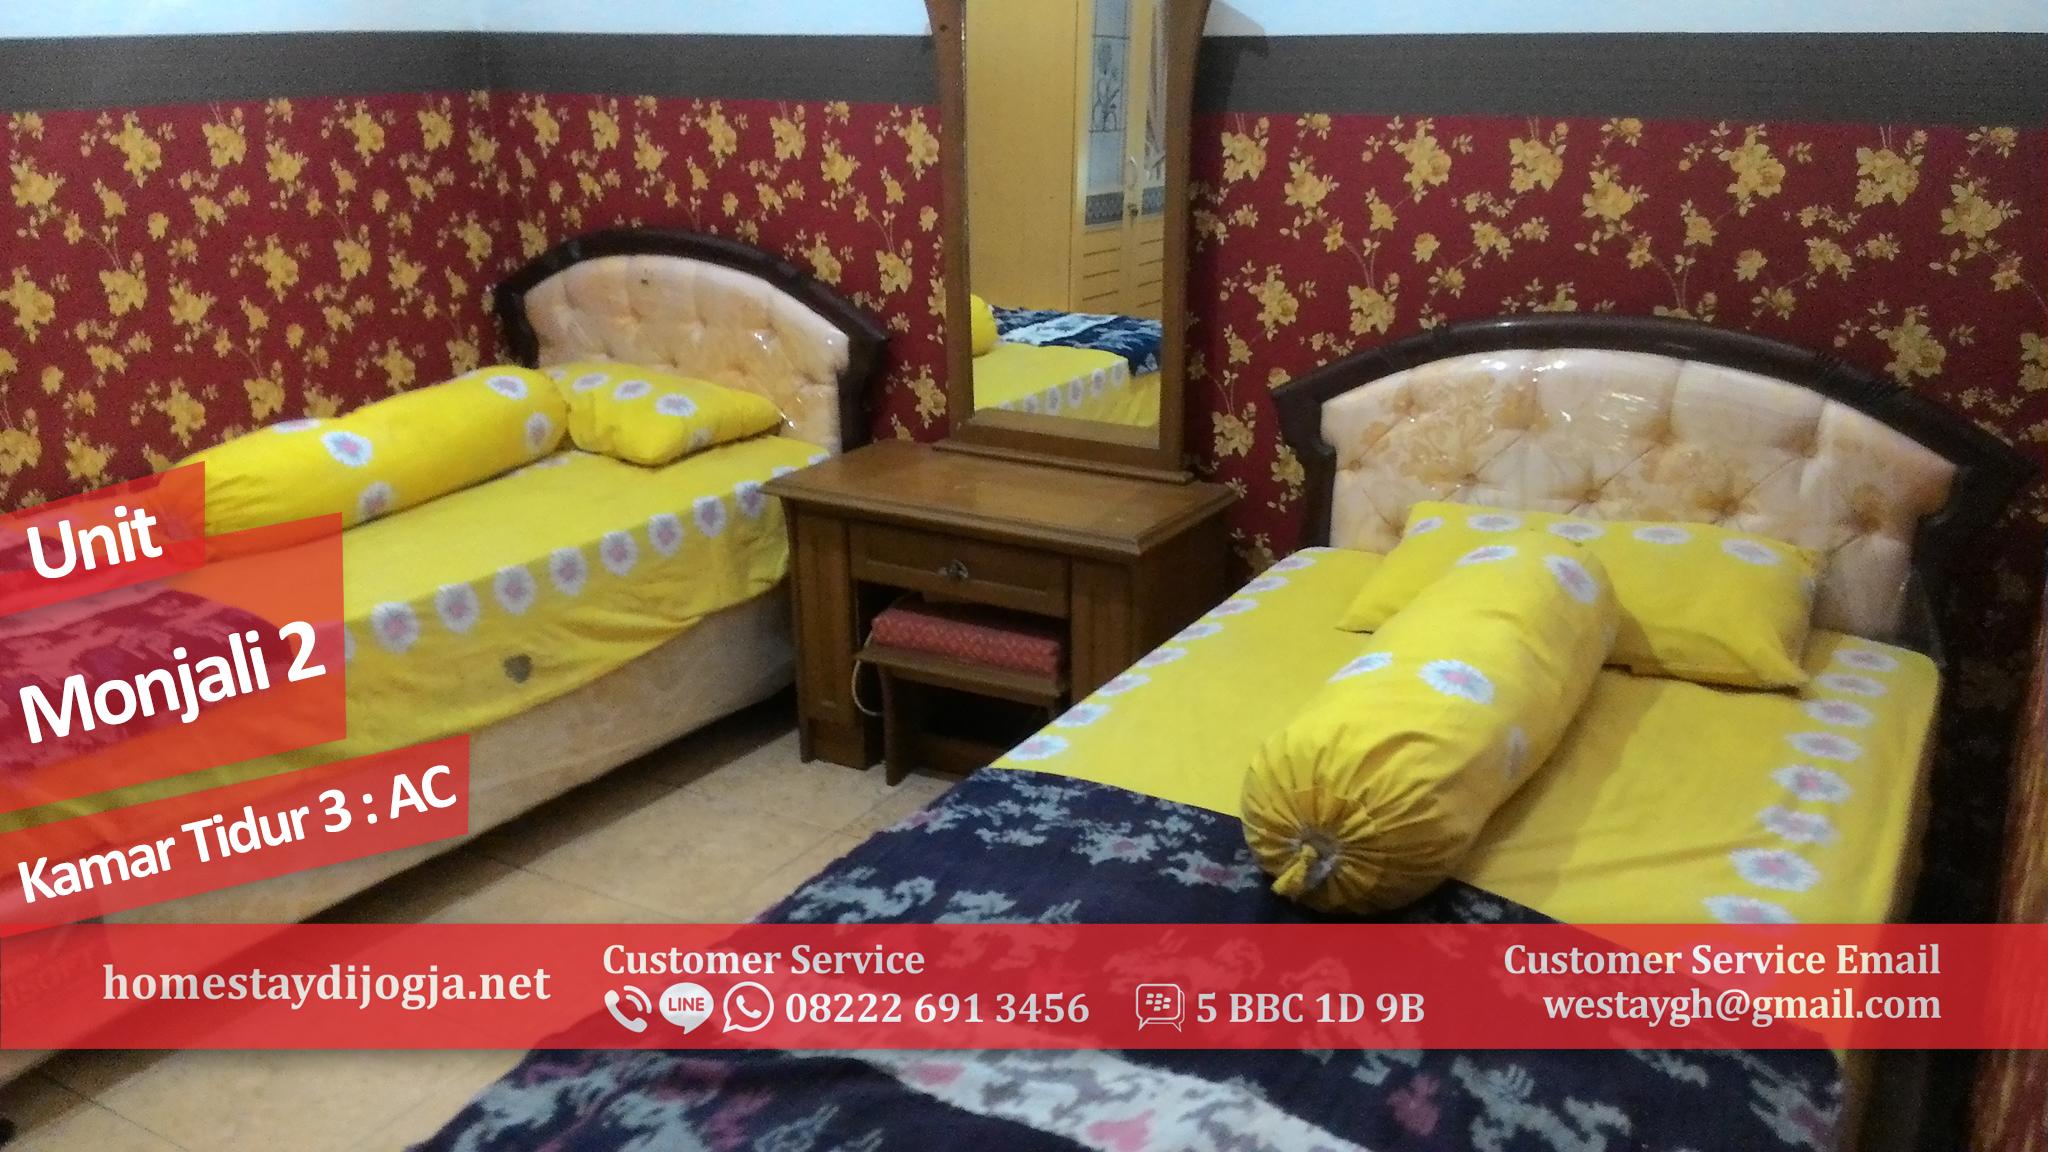 Guest House Murah 3 Kamar AC di Monjali menuju Tugu Jogja hanya 5 menit